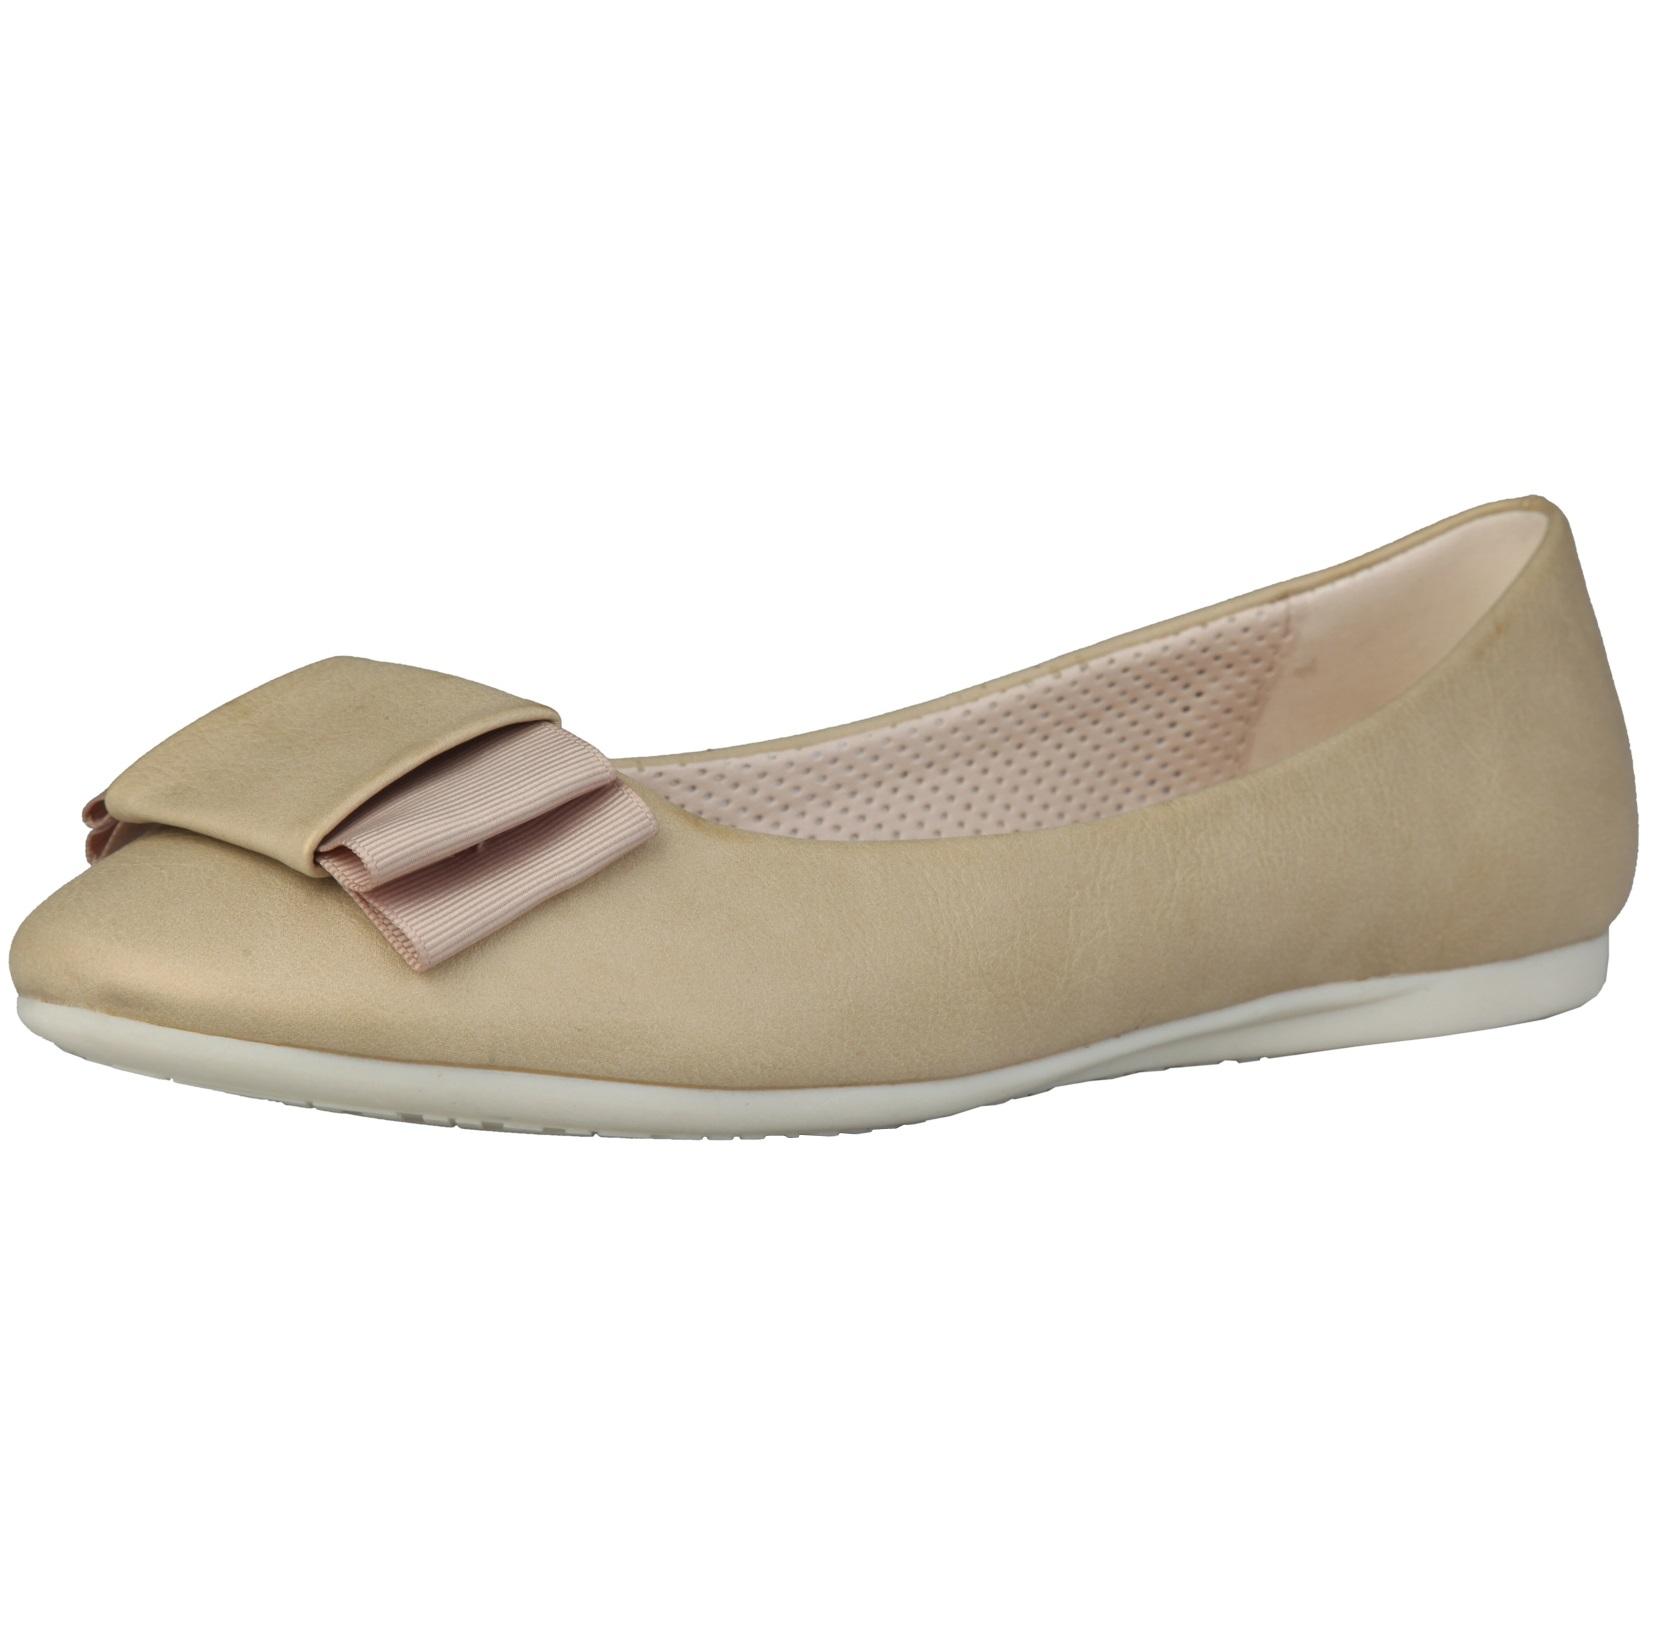 Sofia Loes Flat Shoes Fiocco Kaky Oro Rf600155